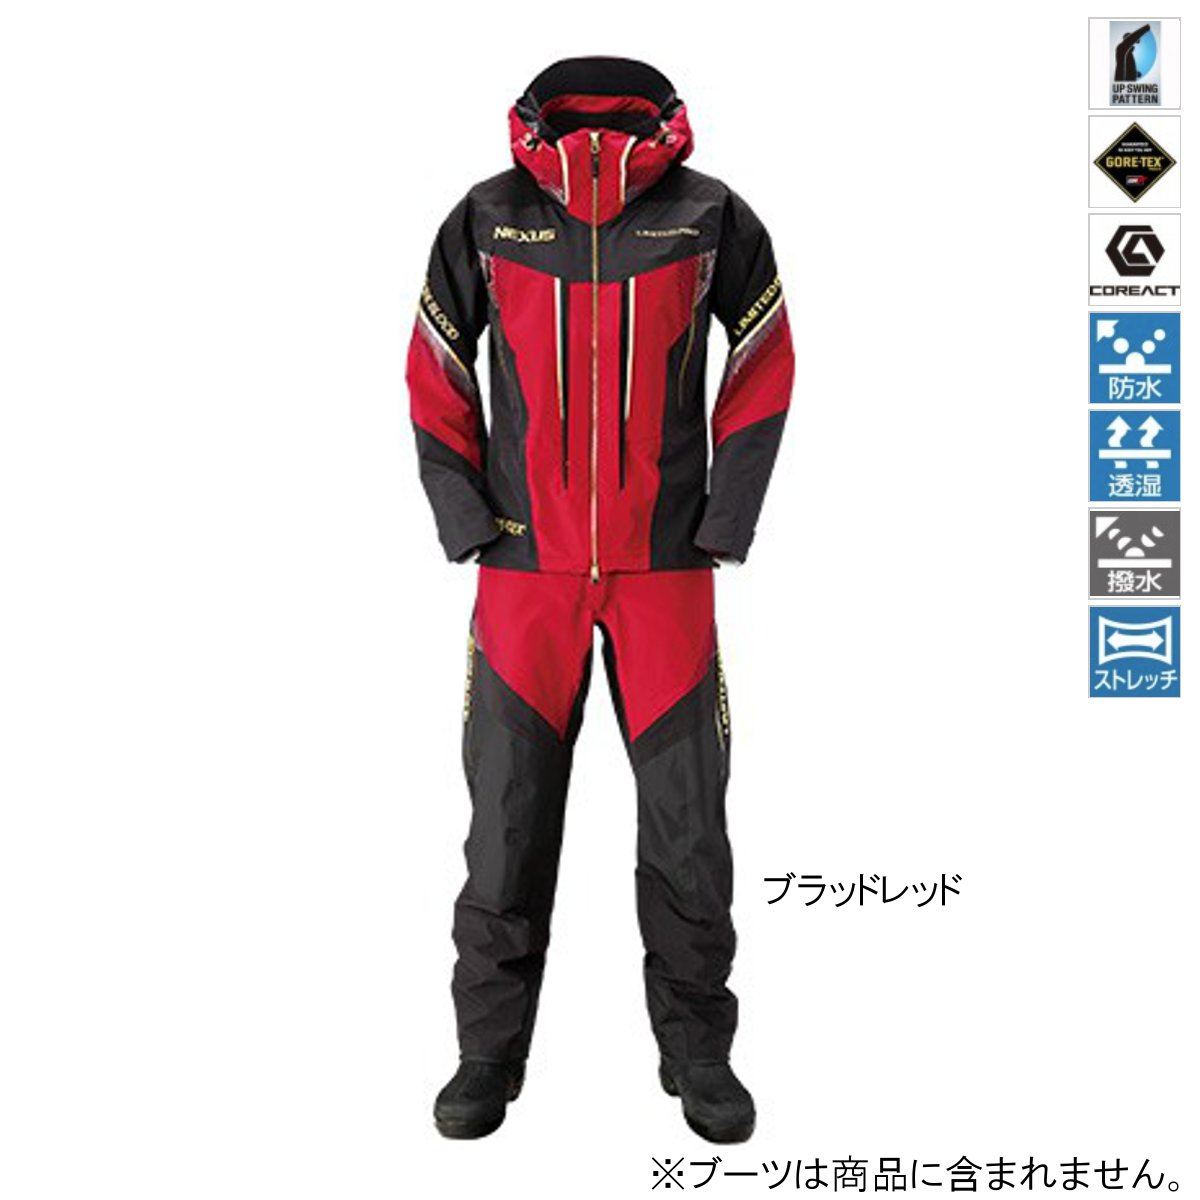 シマノ NEXUS・GORE-TEX レインスーツ LIMITED PRO RA-112S XL ブラッドレッド【送料無料】